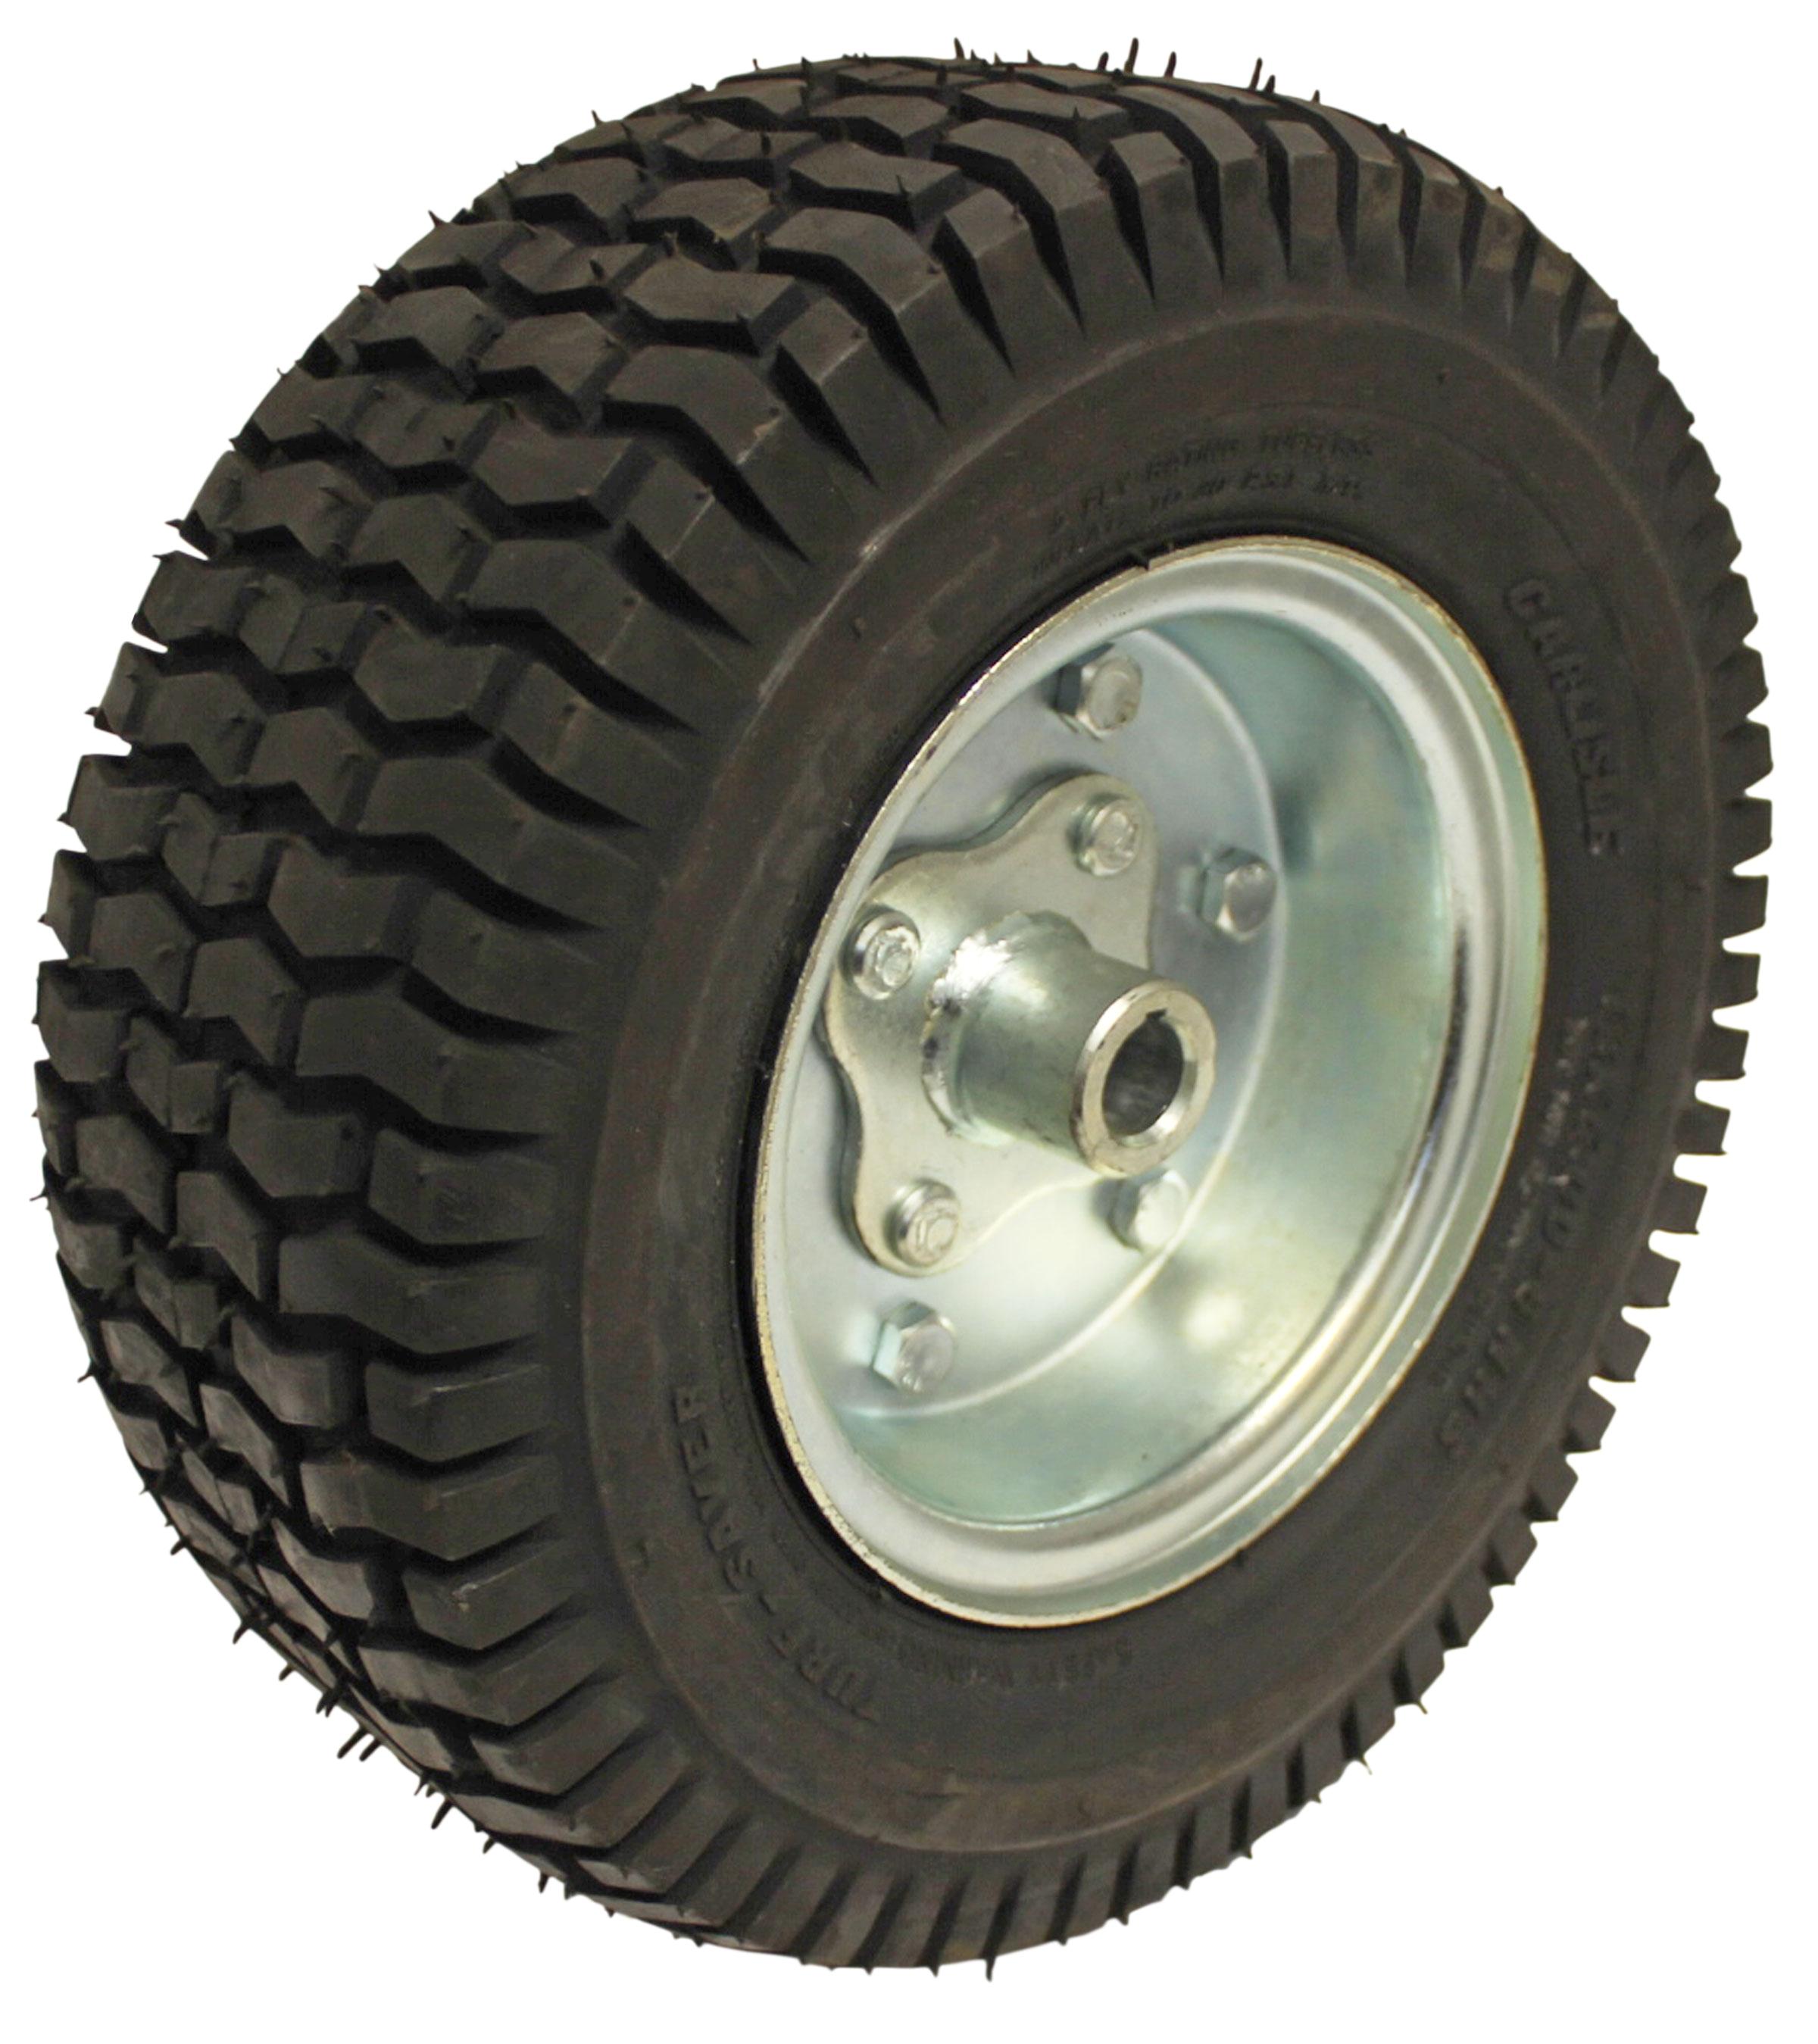 13 x 5 00 6 carlisle turf saver tire rim assembly 999126 bmi karts and parts